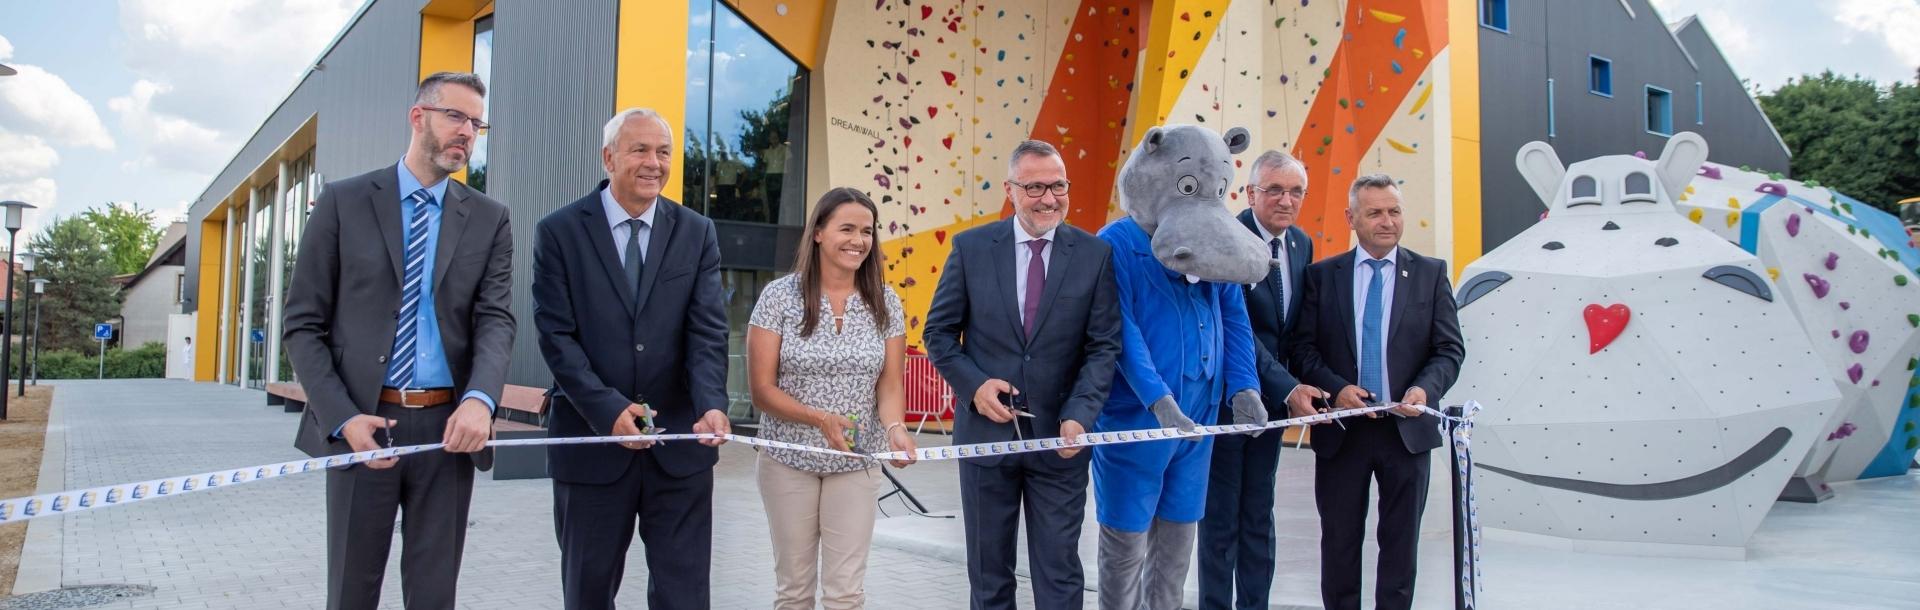 Megnyitott a Balaton aktív szabadidő központja